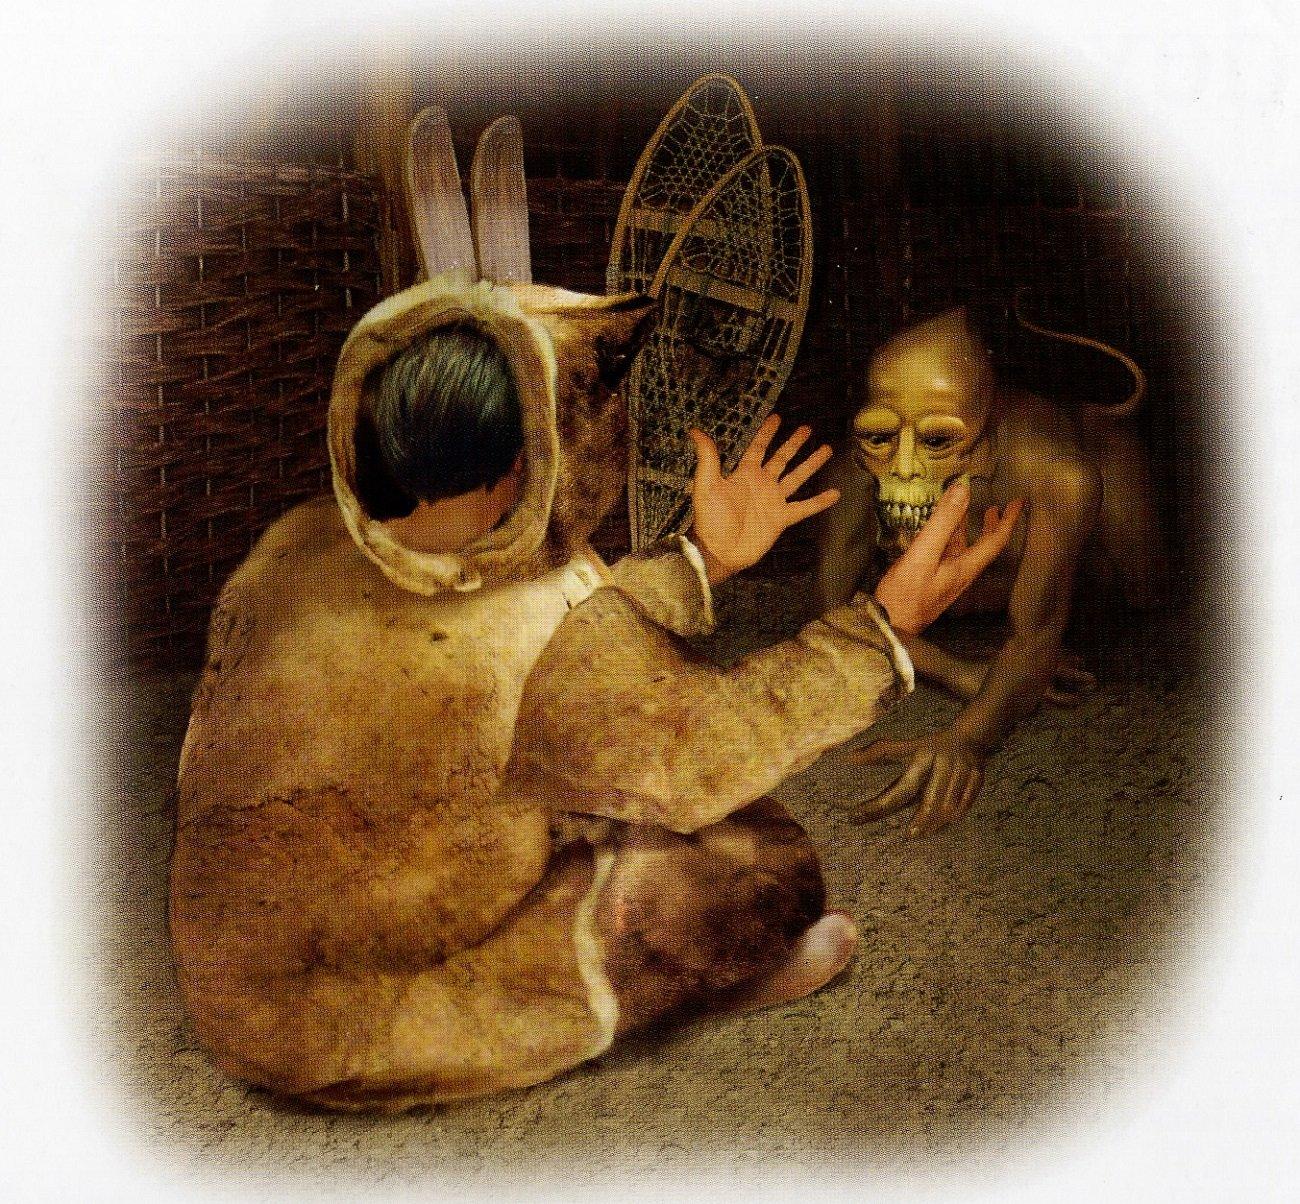 эскимосский монстр тупилак шаманизм эскимосов tupilaq tupilak отвратительные мужики disgusting men